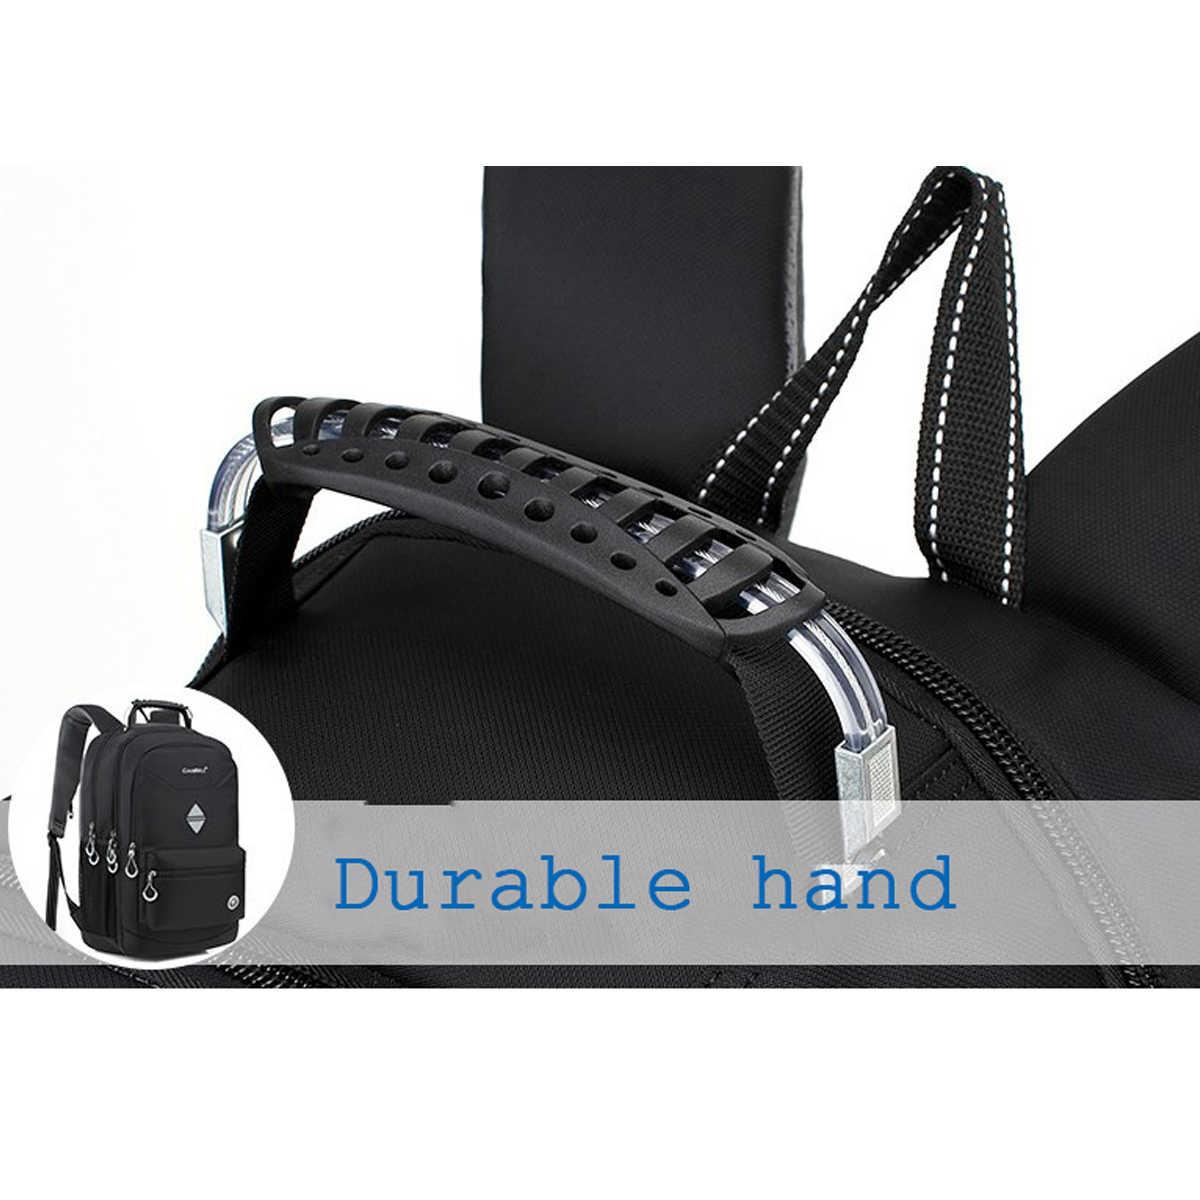 Рюкзак для HUAWEI hp ASUS 18 18,4 Тетрадь сумки горячей Nylonk Портативный Путешествия Высокий Ёмкость сумка Компьютерная сумка ноутбук плечи